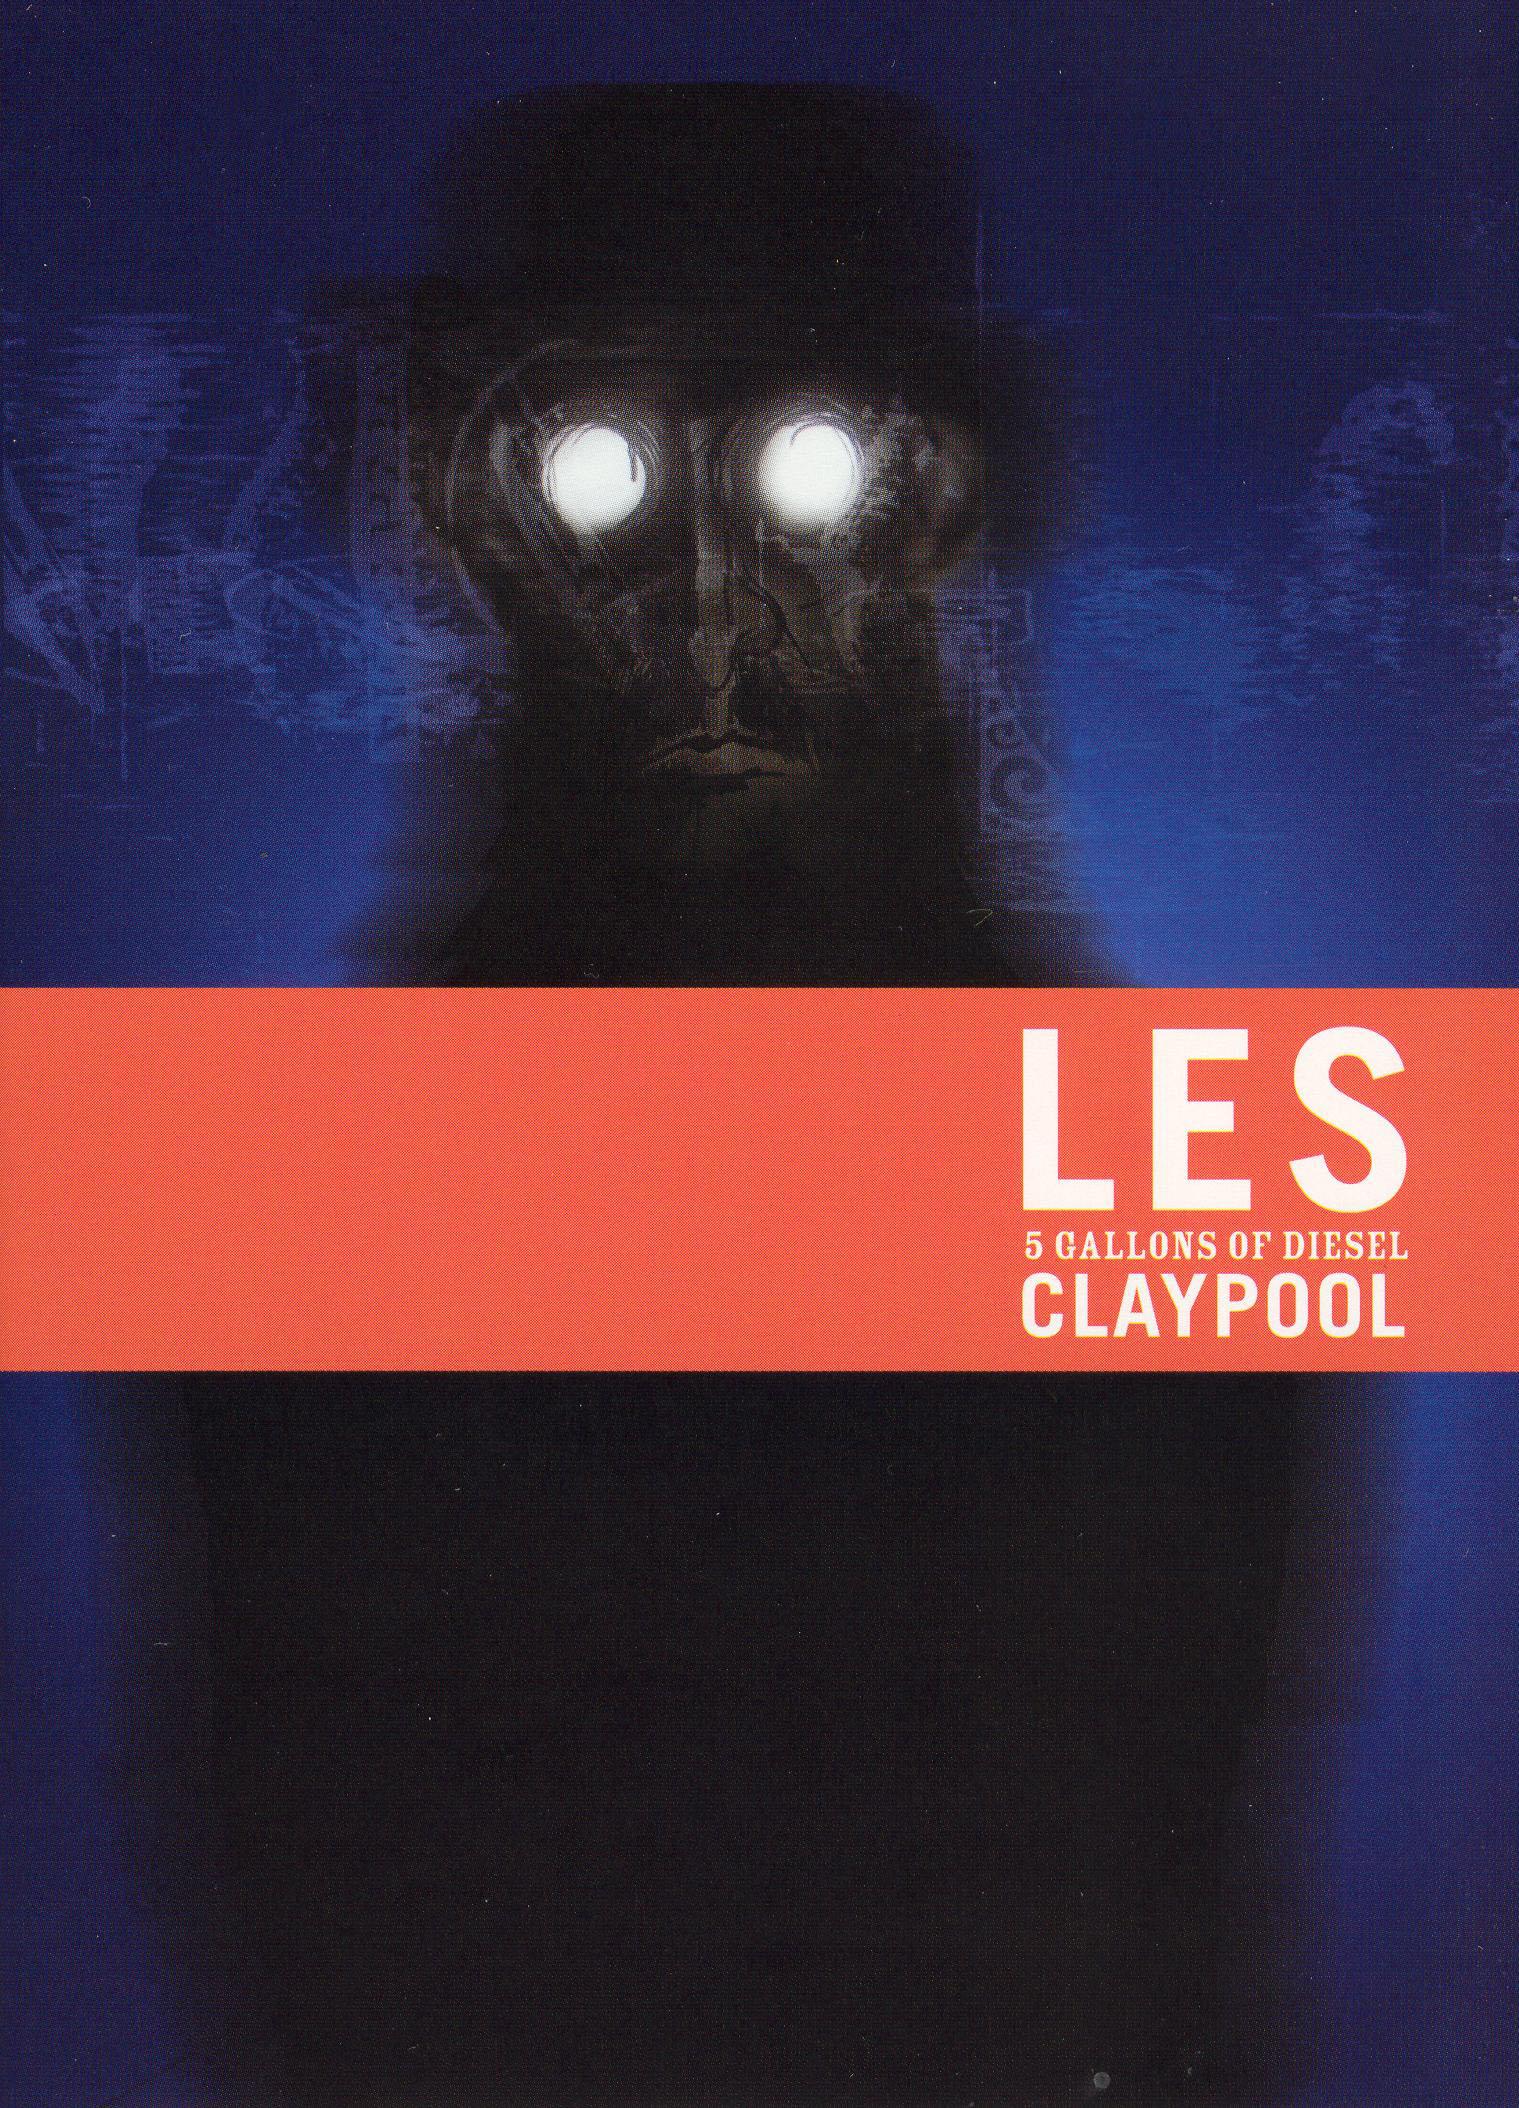 Les Claypool: 5 Gallons of Diesel